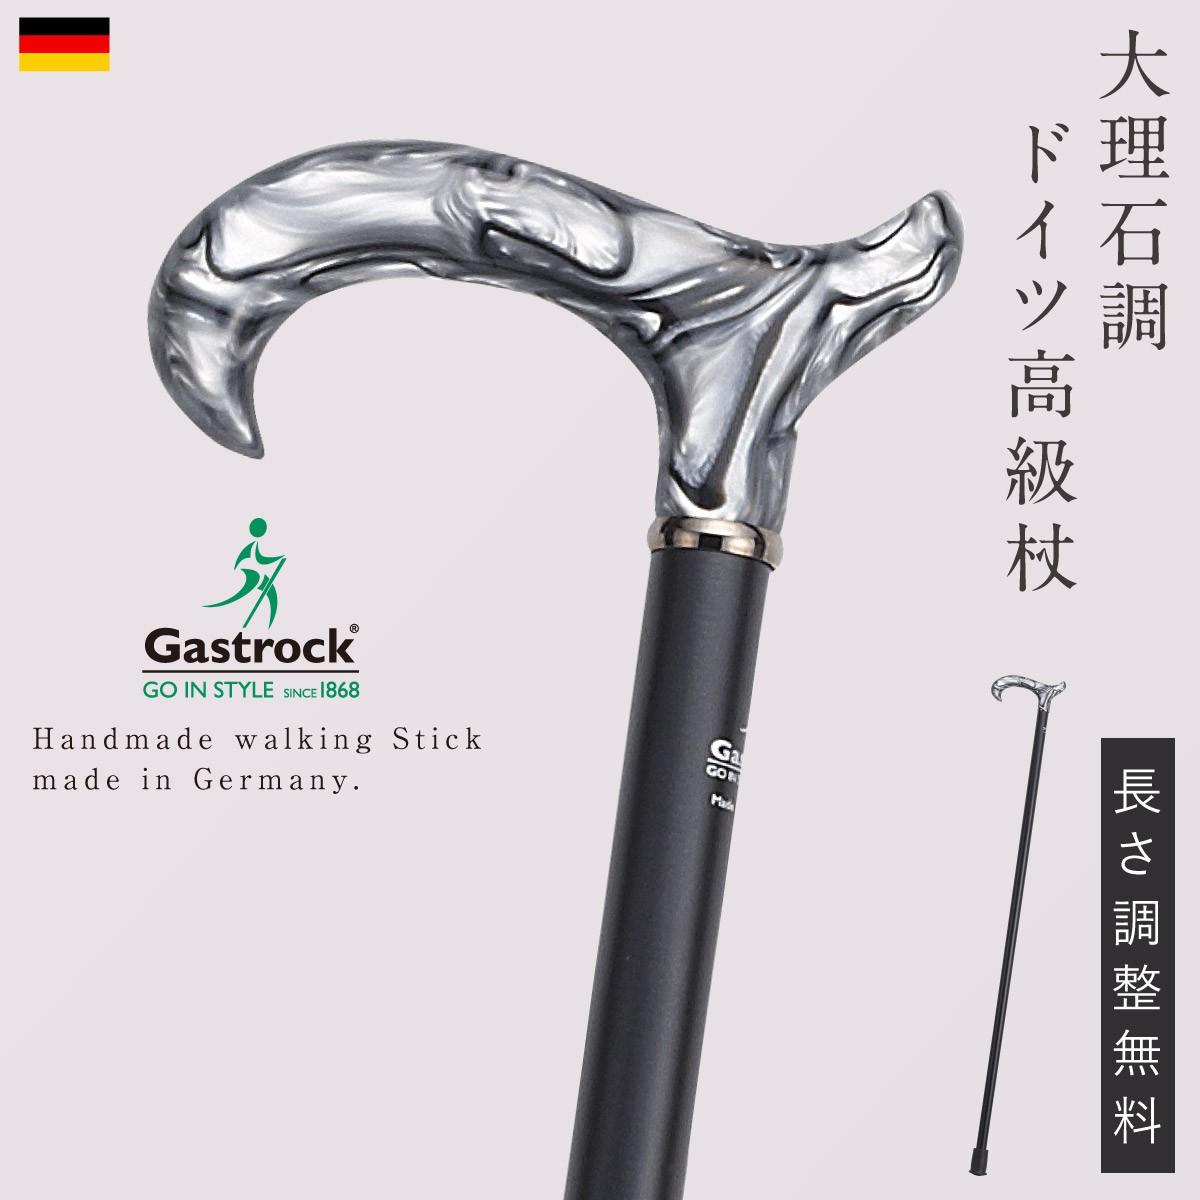 一本杖 木製杖 ステッキ ドイツ製 1本杖 ガストロック社 GA-70 ギフト プレゼント 贈り物